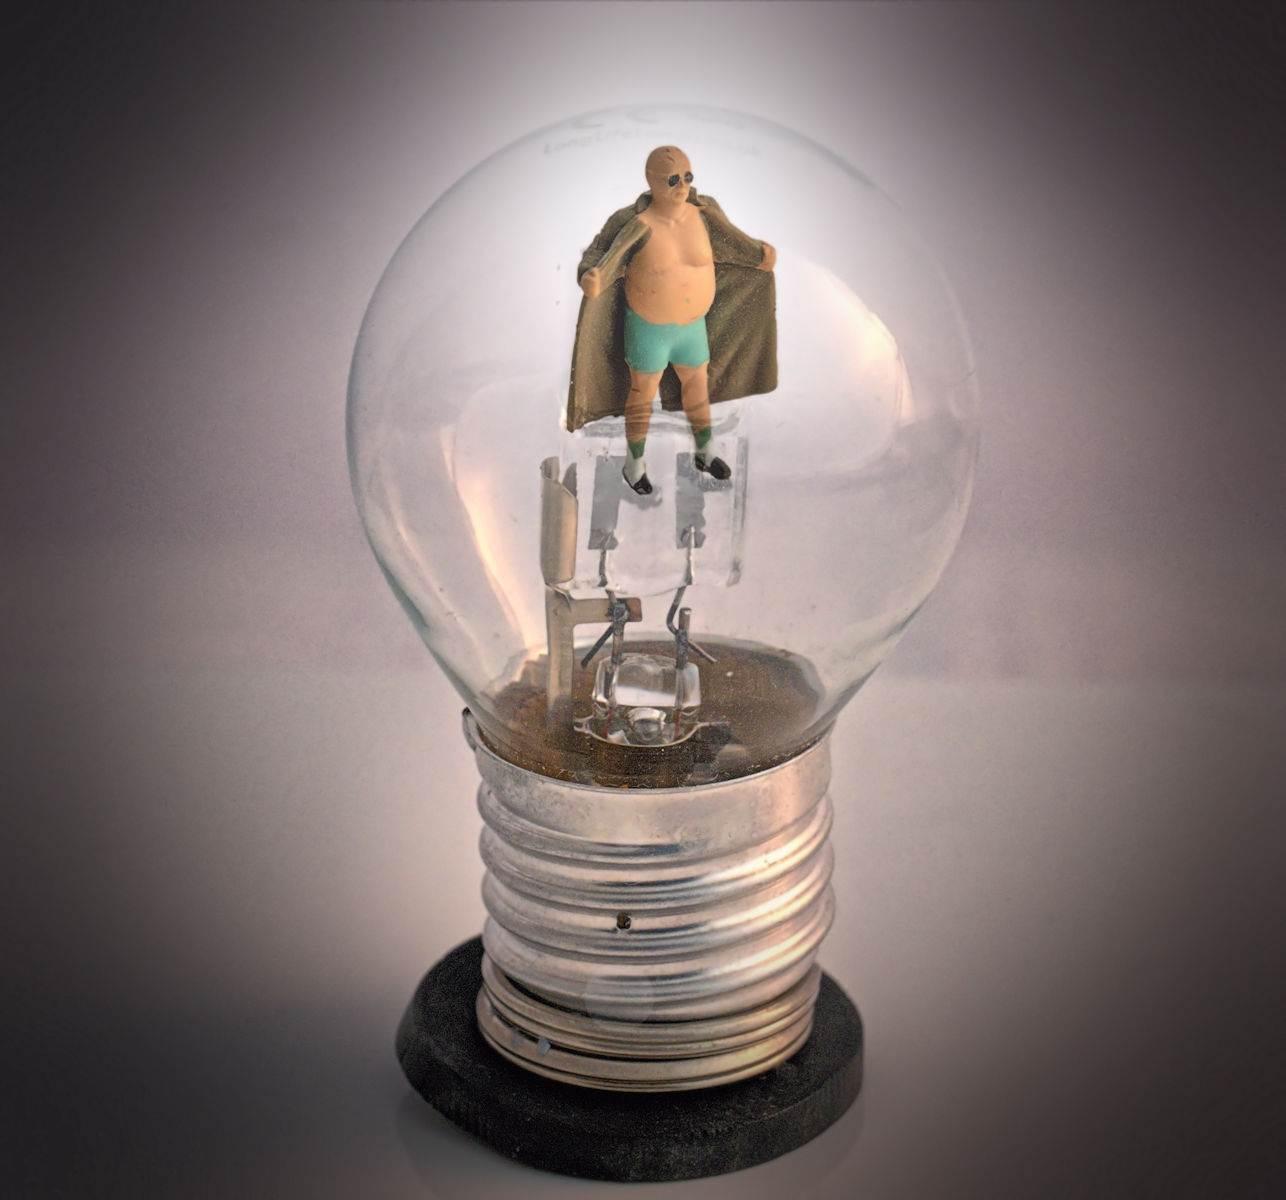 Brian-Southward-Flash-Bulb-10